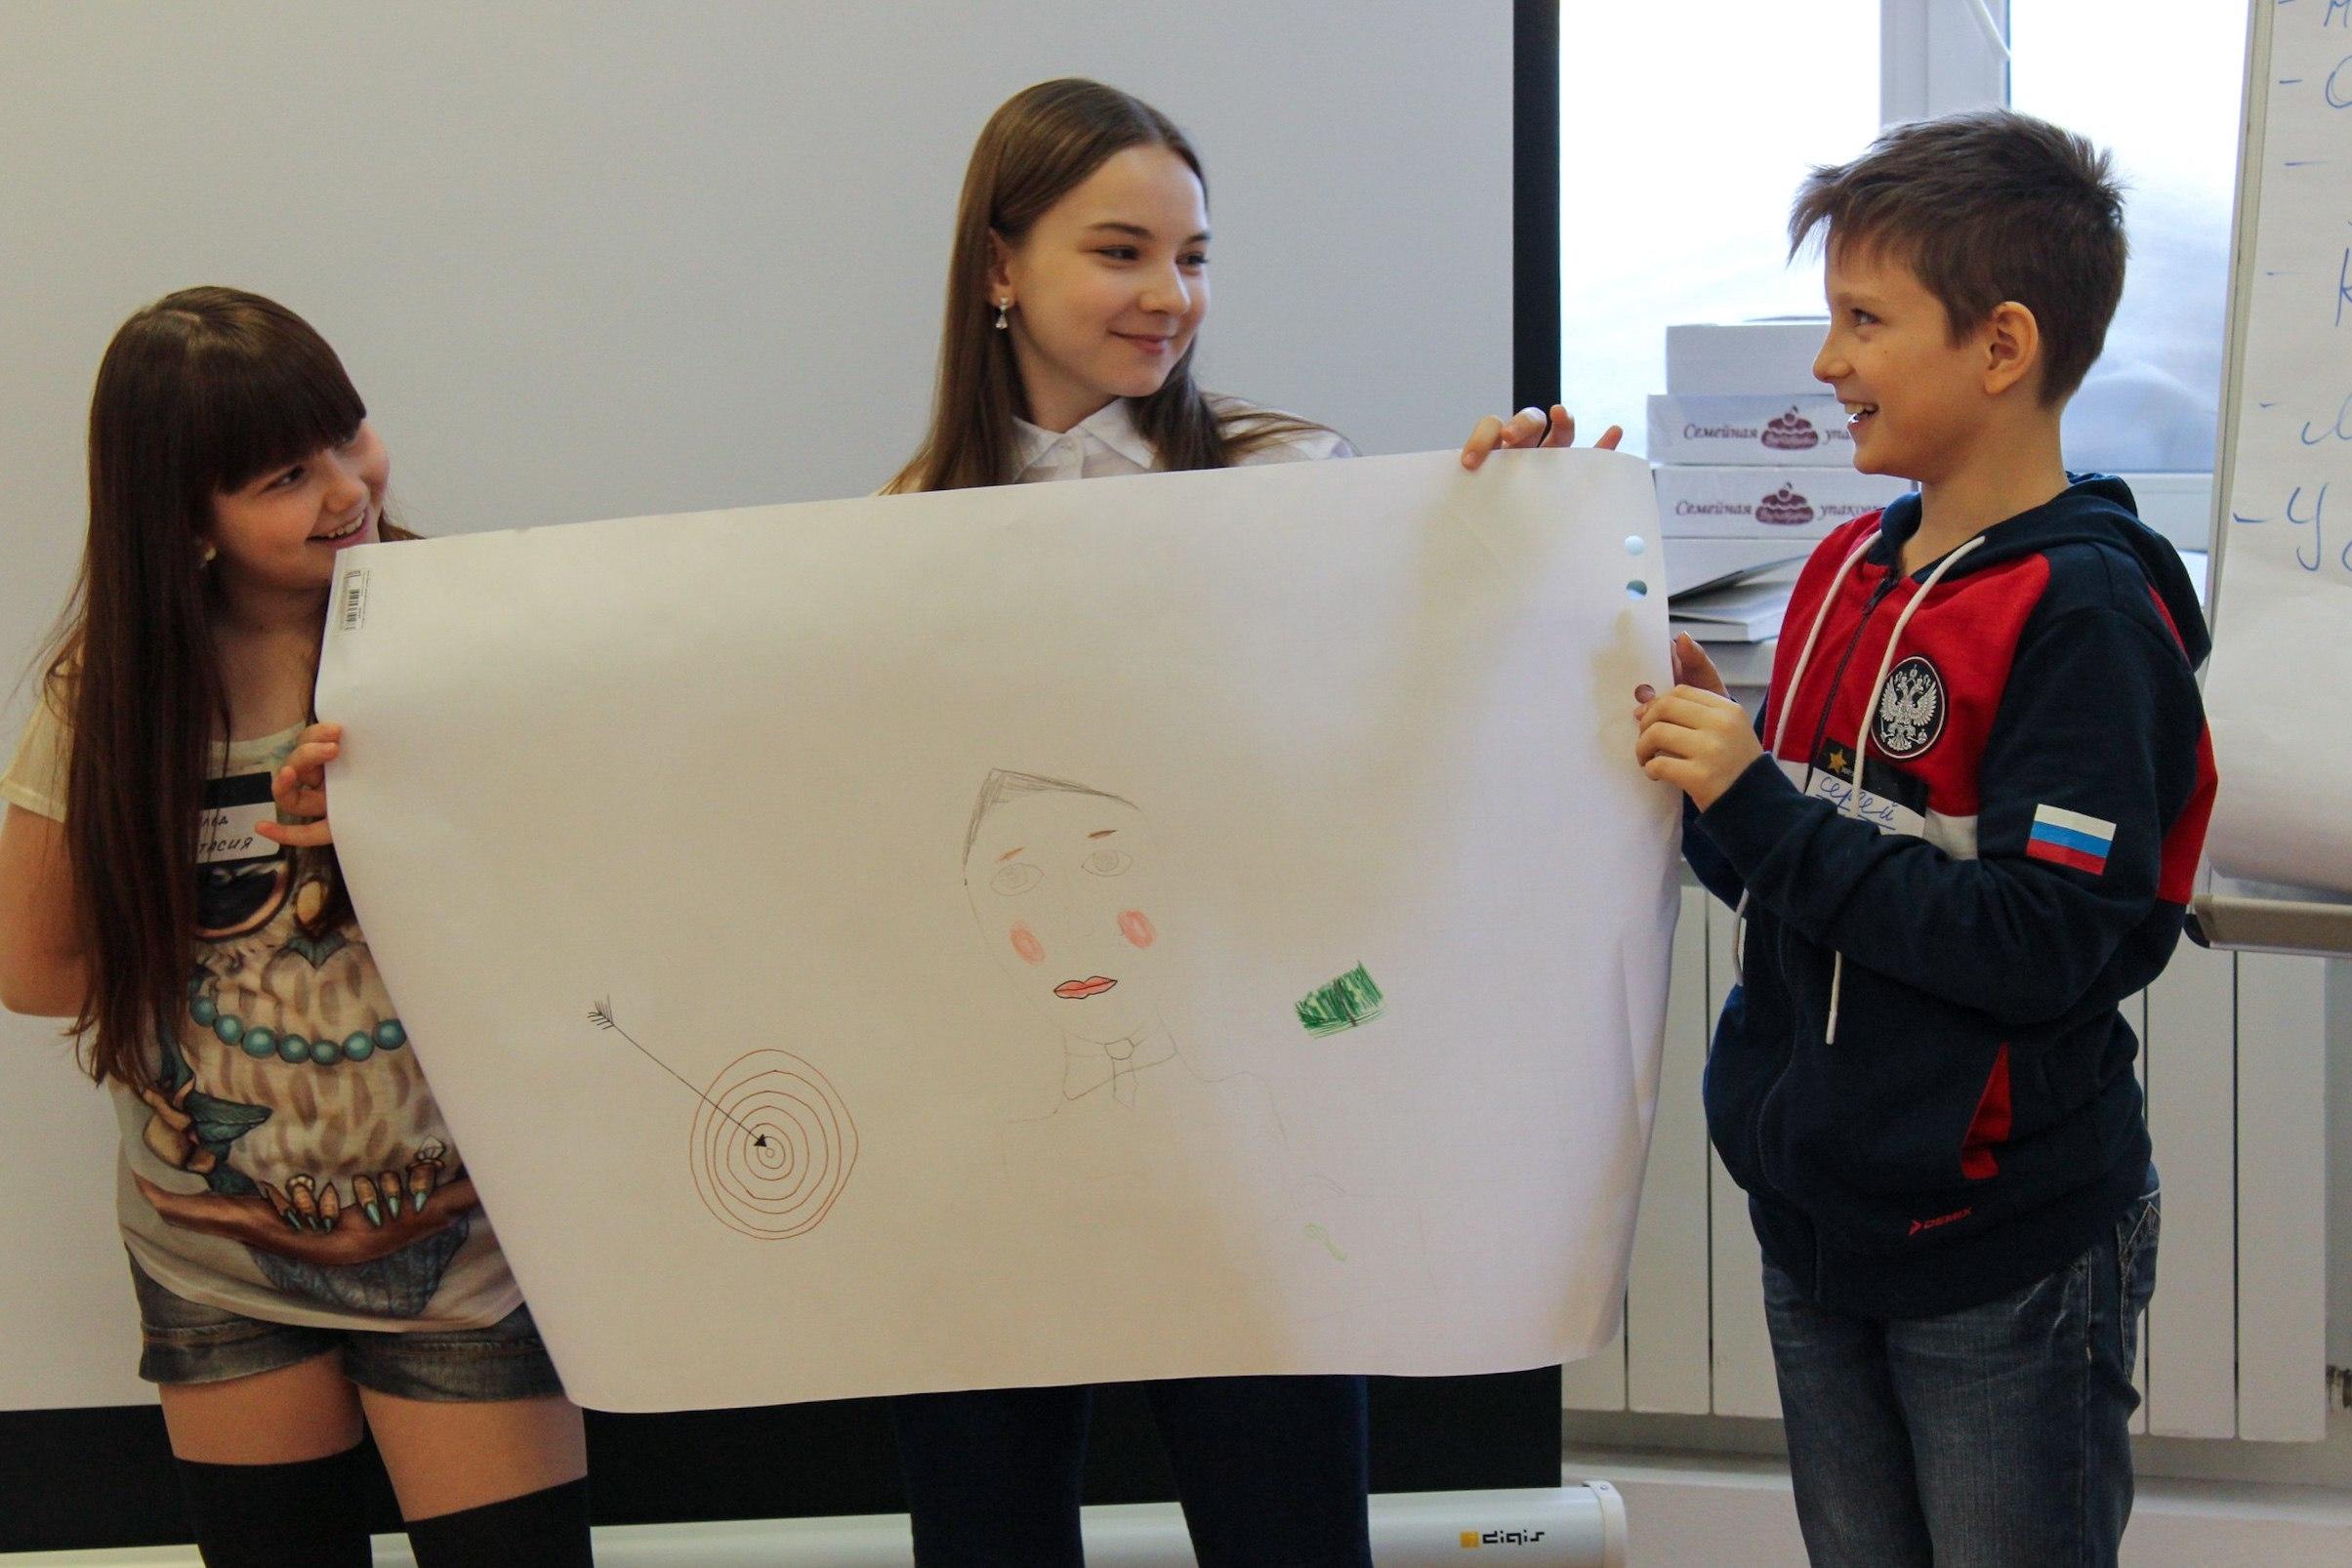 Изображение - 8 идей бизнеса направленного на детскую аудиторию vagq1q1-sdqu4q.optimize